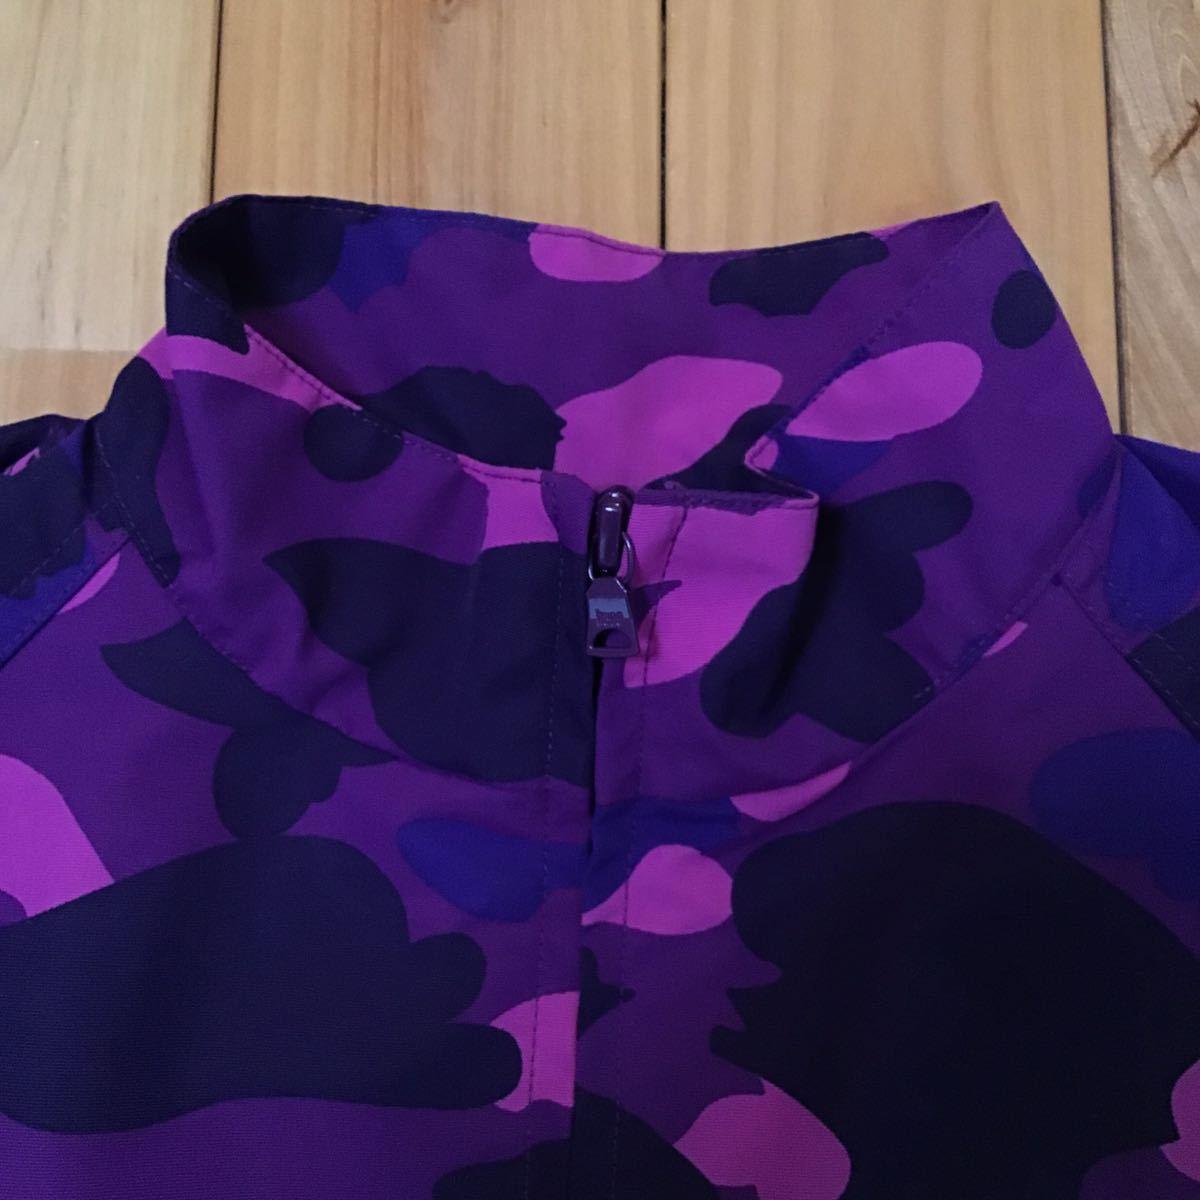 cycle jacket purple camo Sサイズ a bathing ape BAPE STA エイプ ベイプ アベイシングエイプ ナイロンジャケット パープルカモ 迷彩